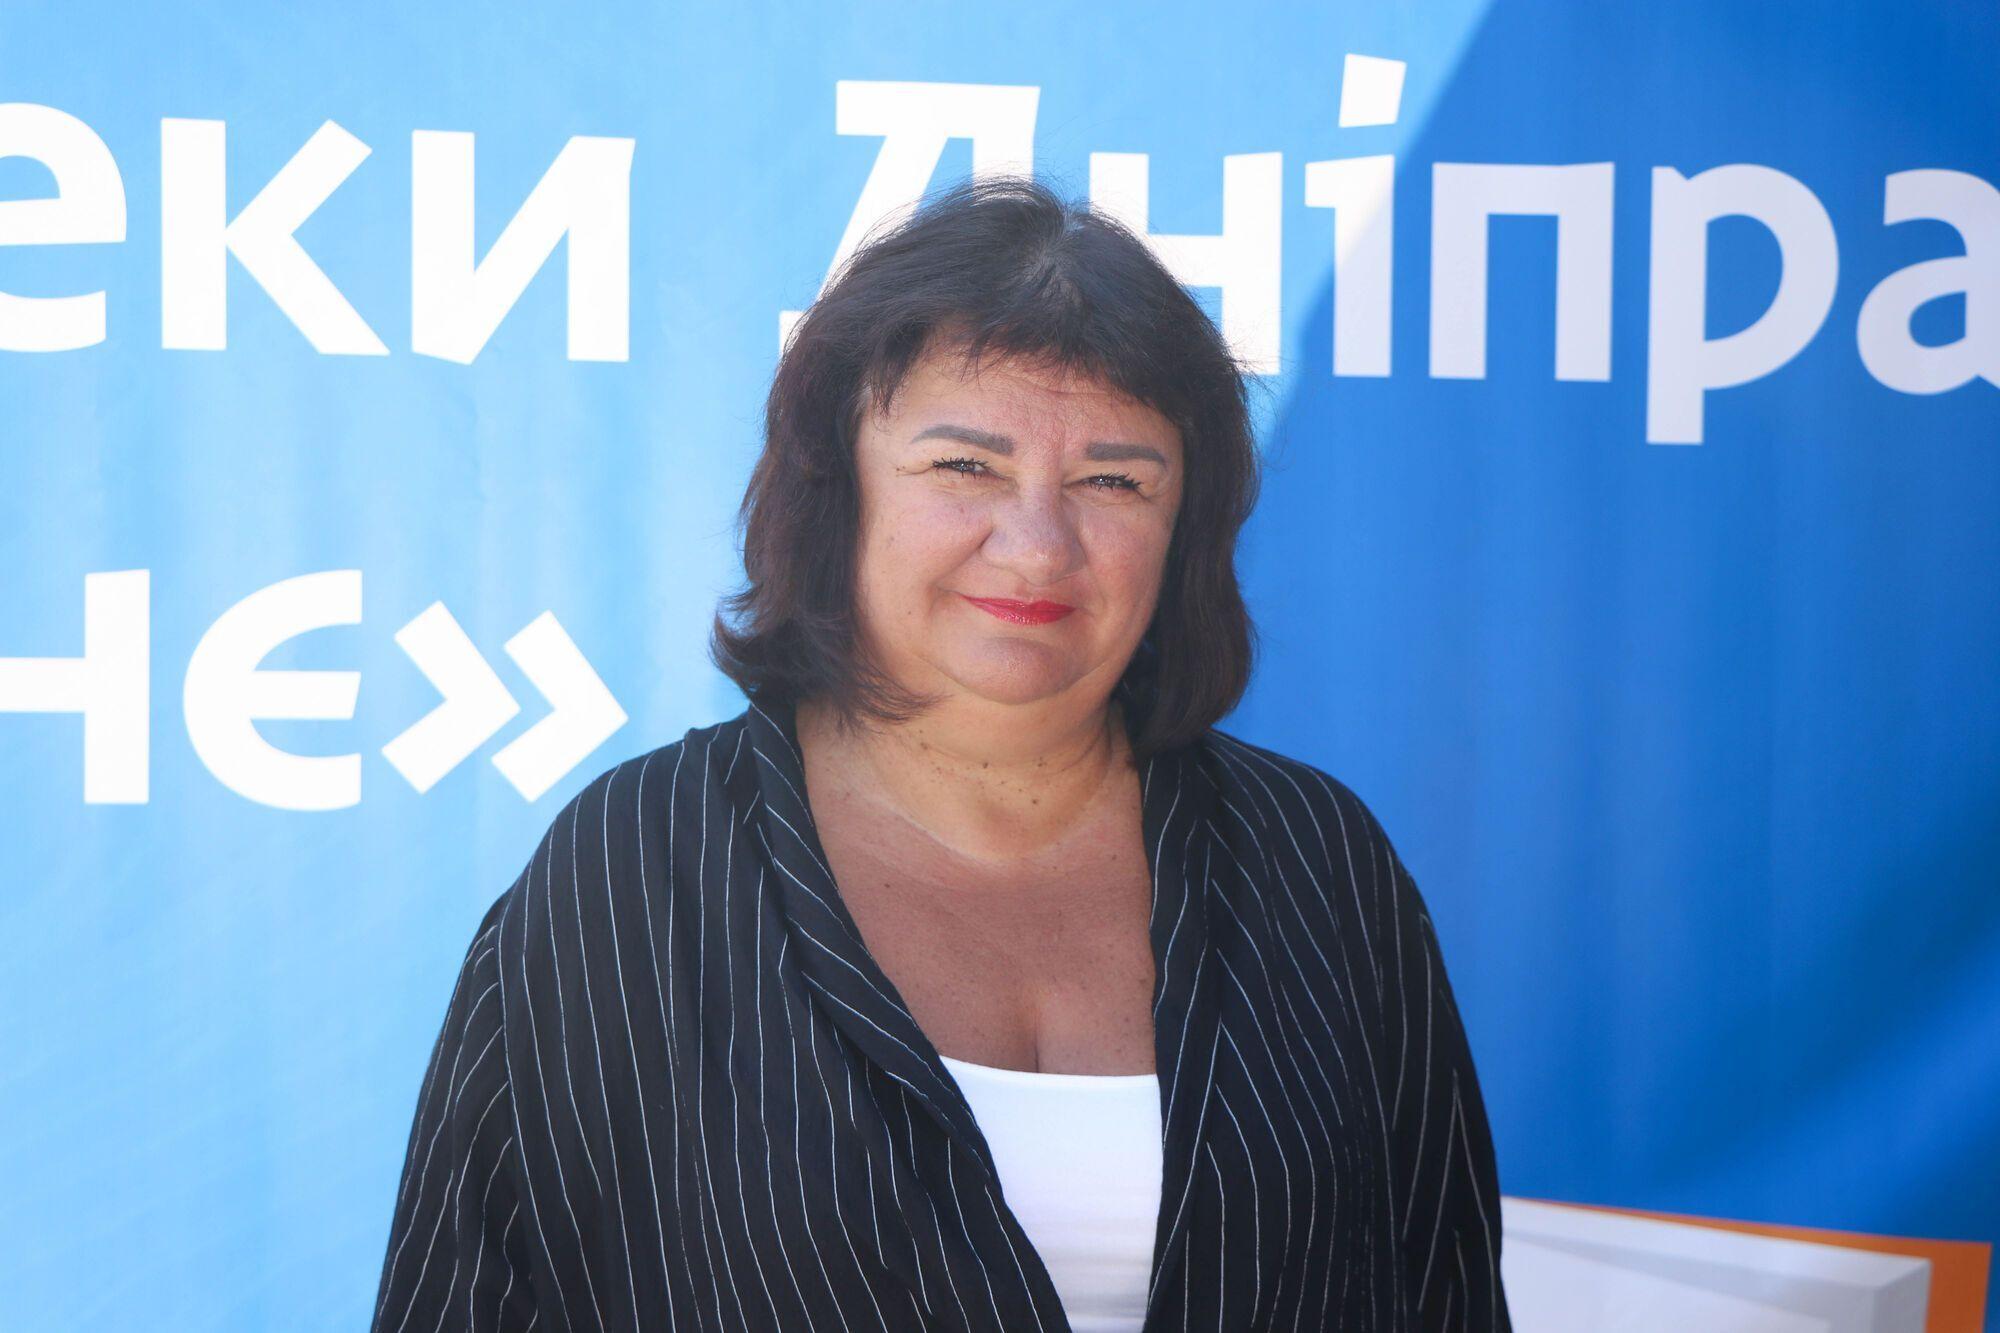 Председатель постоянной комиссии по вопросам образования, культуры, молодежи и спорта Днепровского городского совета Наталья Демидова